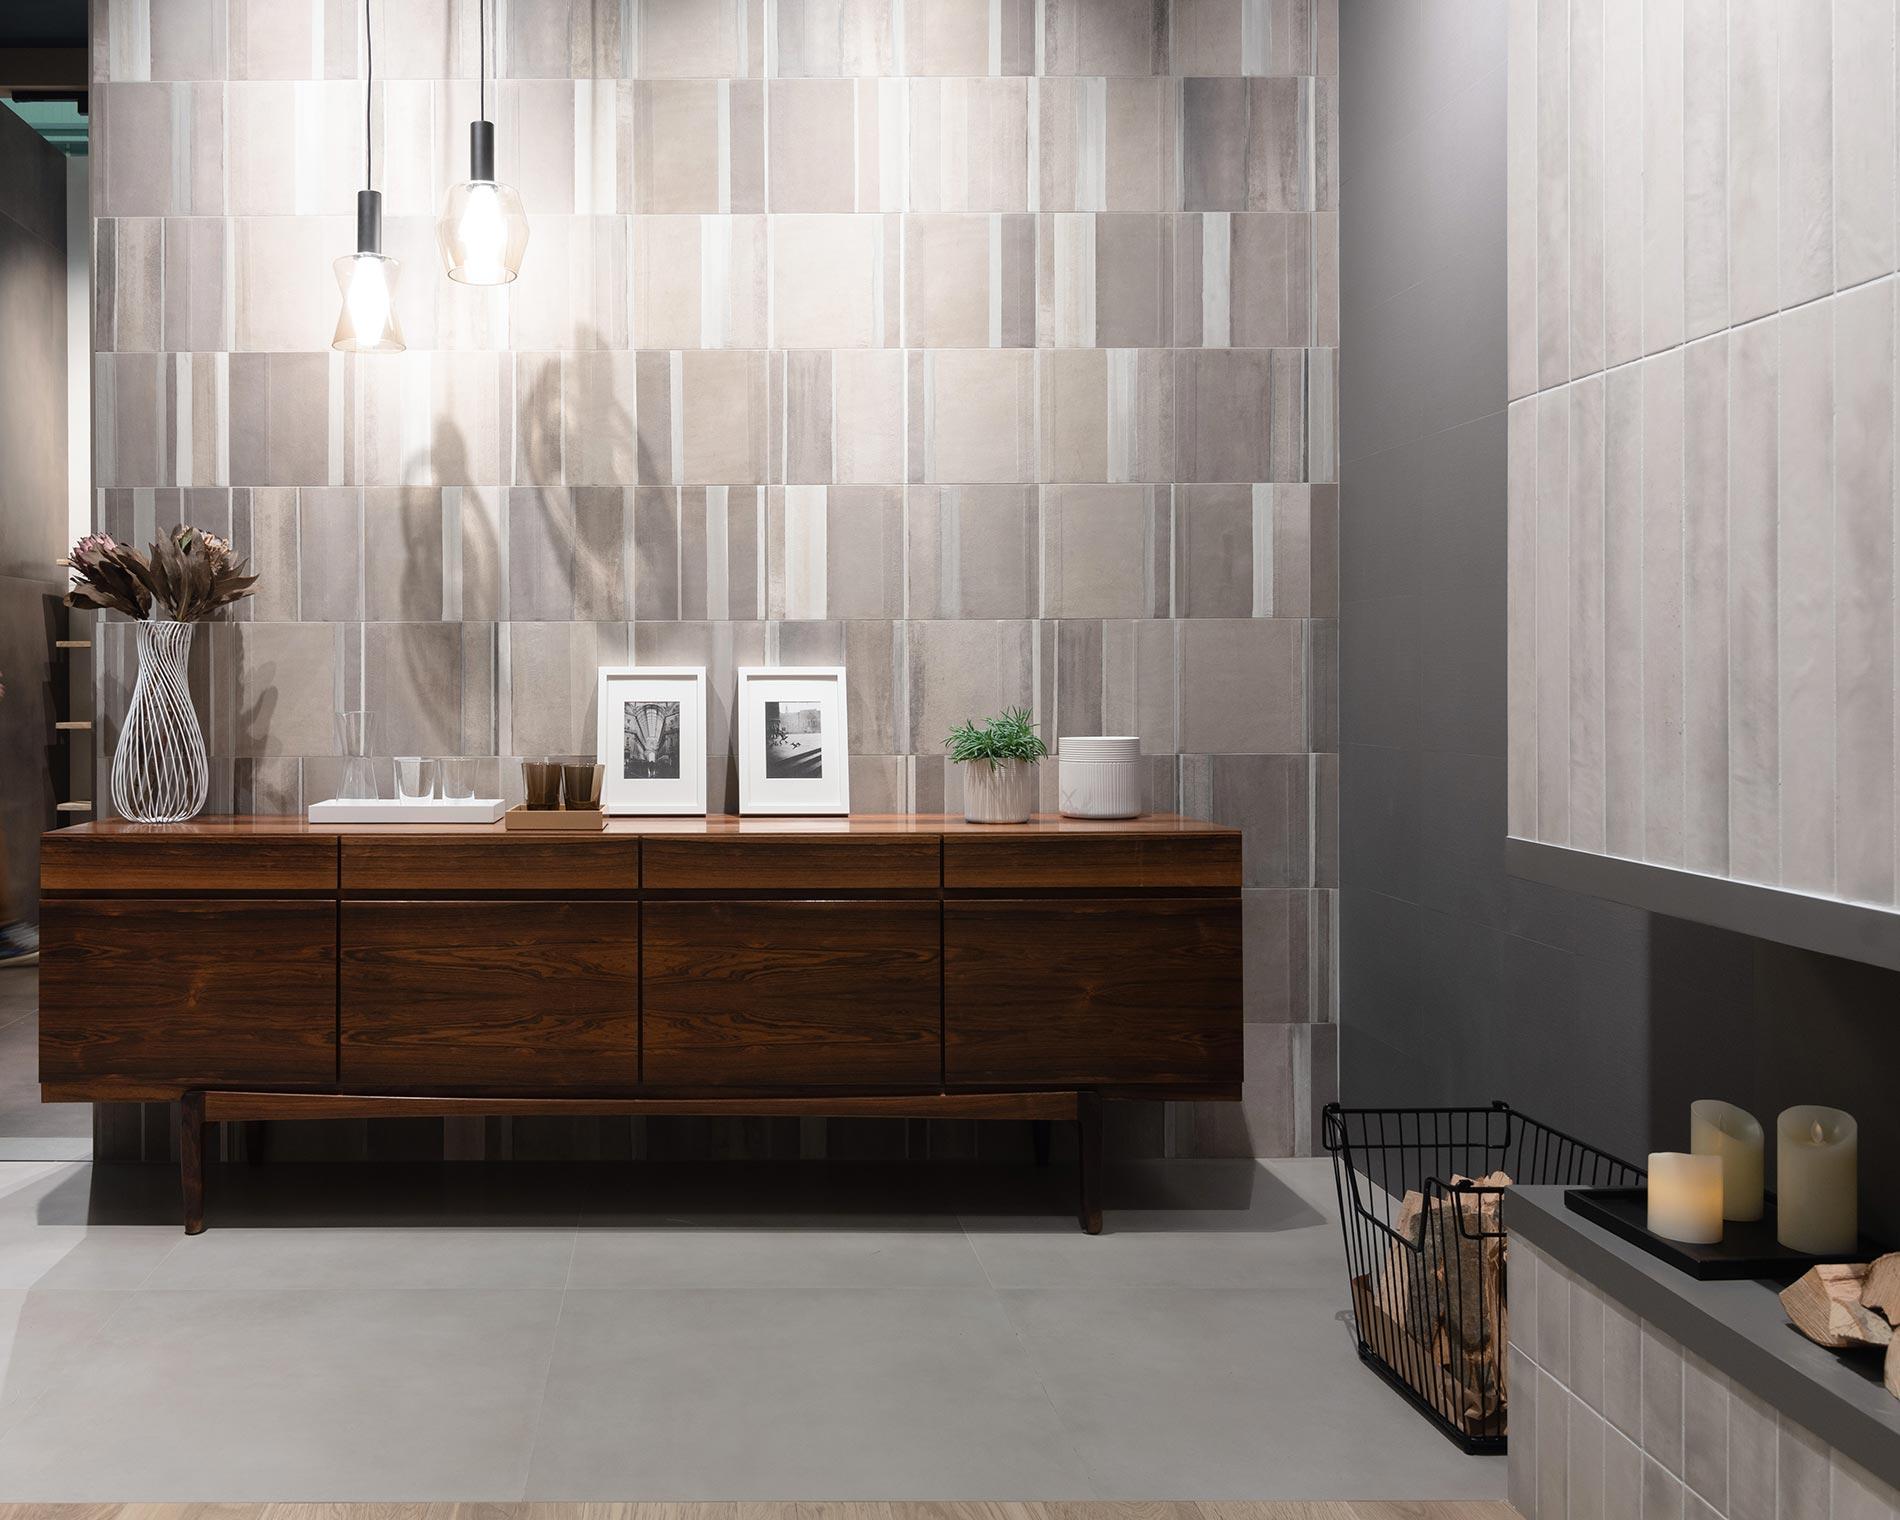 fap ceramiche cersaie 2018 interior ceramic